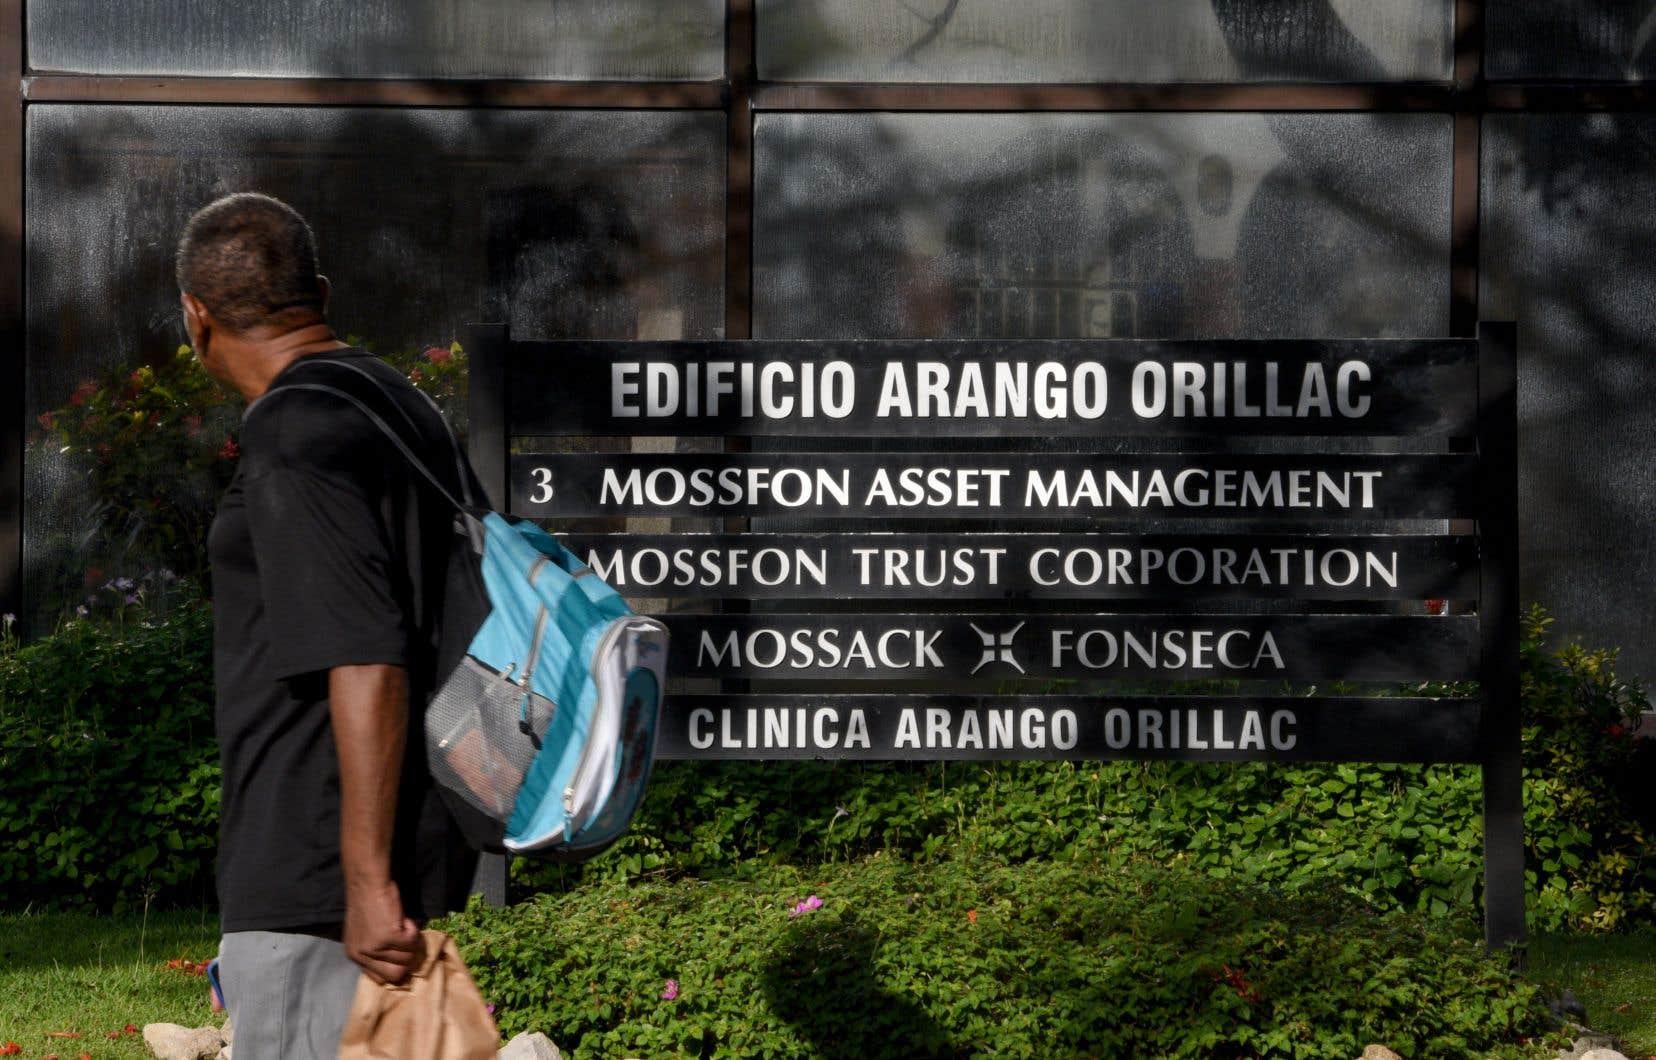 La mise au jour par la presse internationale d'un vaste système d'évasion fiscale orchestré par Mossack Fonseca, un discret cabinet d'avocats créé à Panama,<br /> mobilise depuis trois ans la justice dans plusieurs pays.